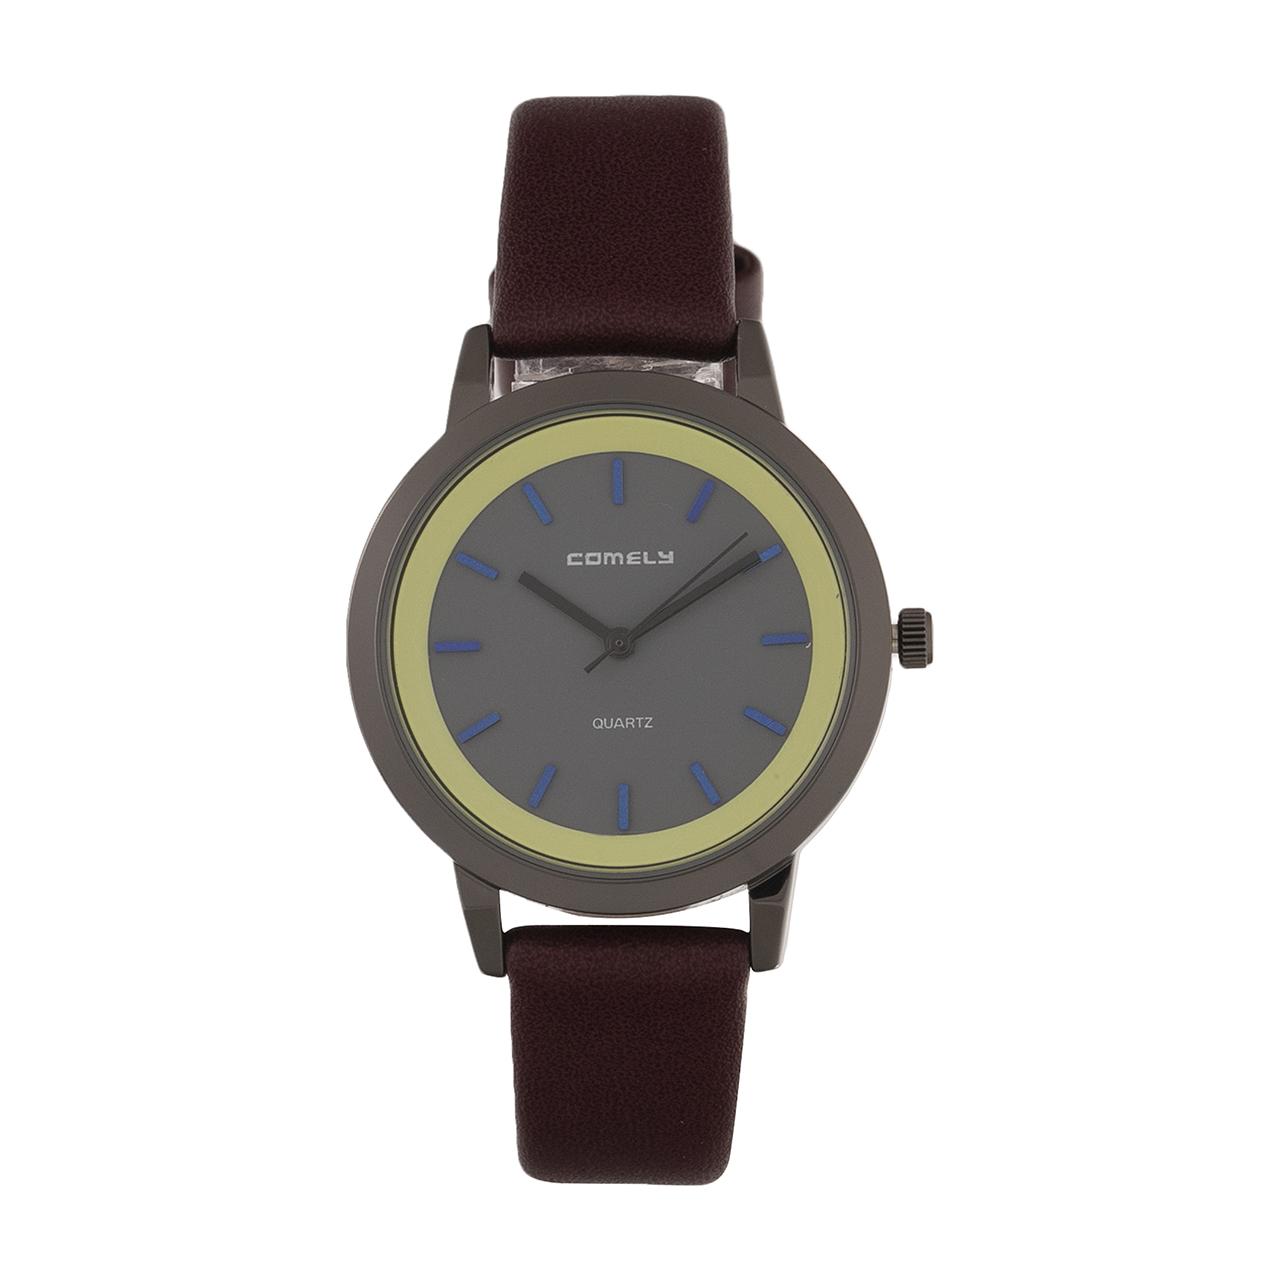 خرید ساعت مچی عقربه ای کاملی زنانه مدل C808